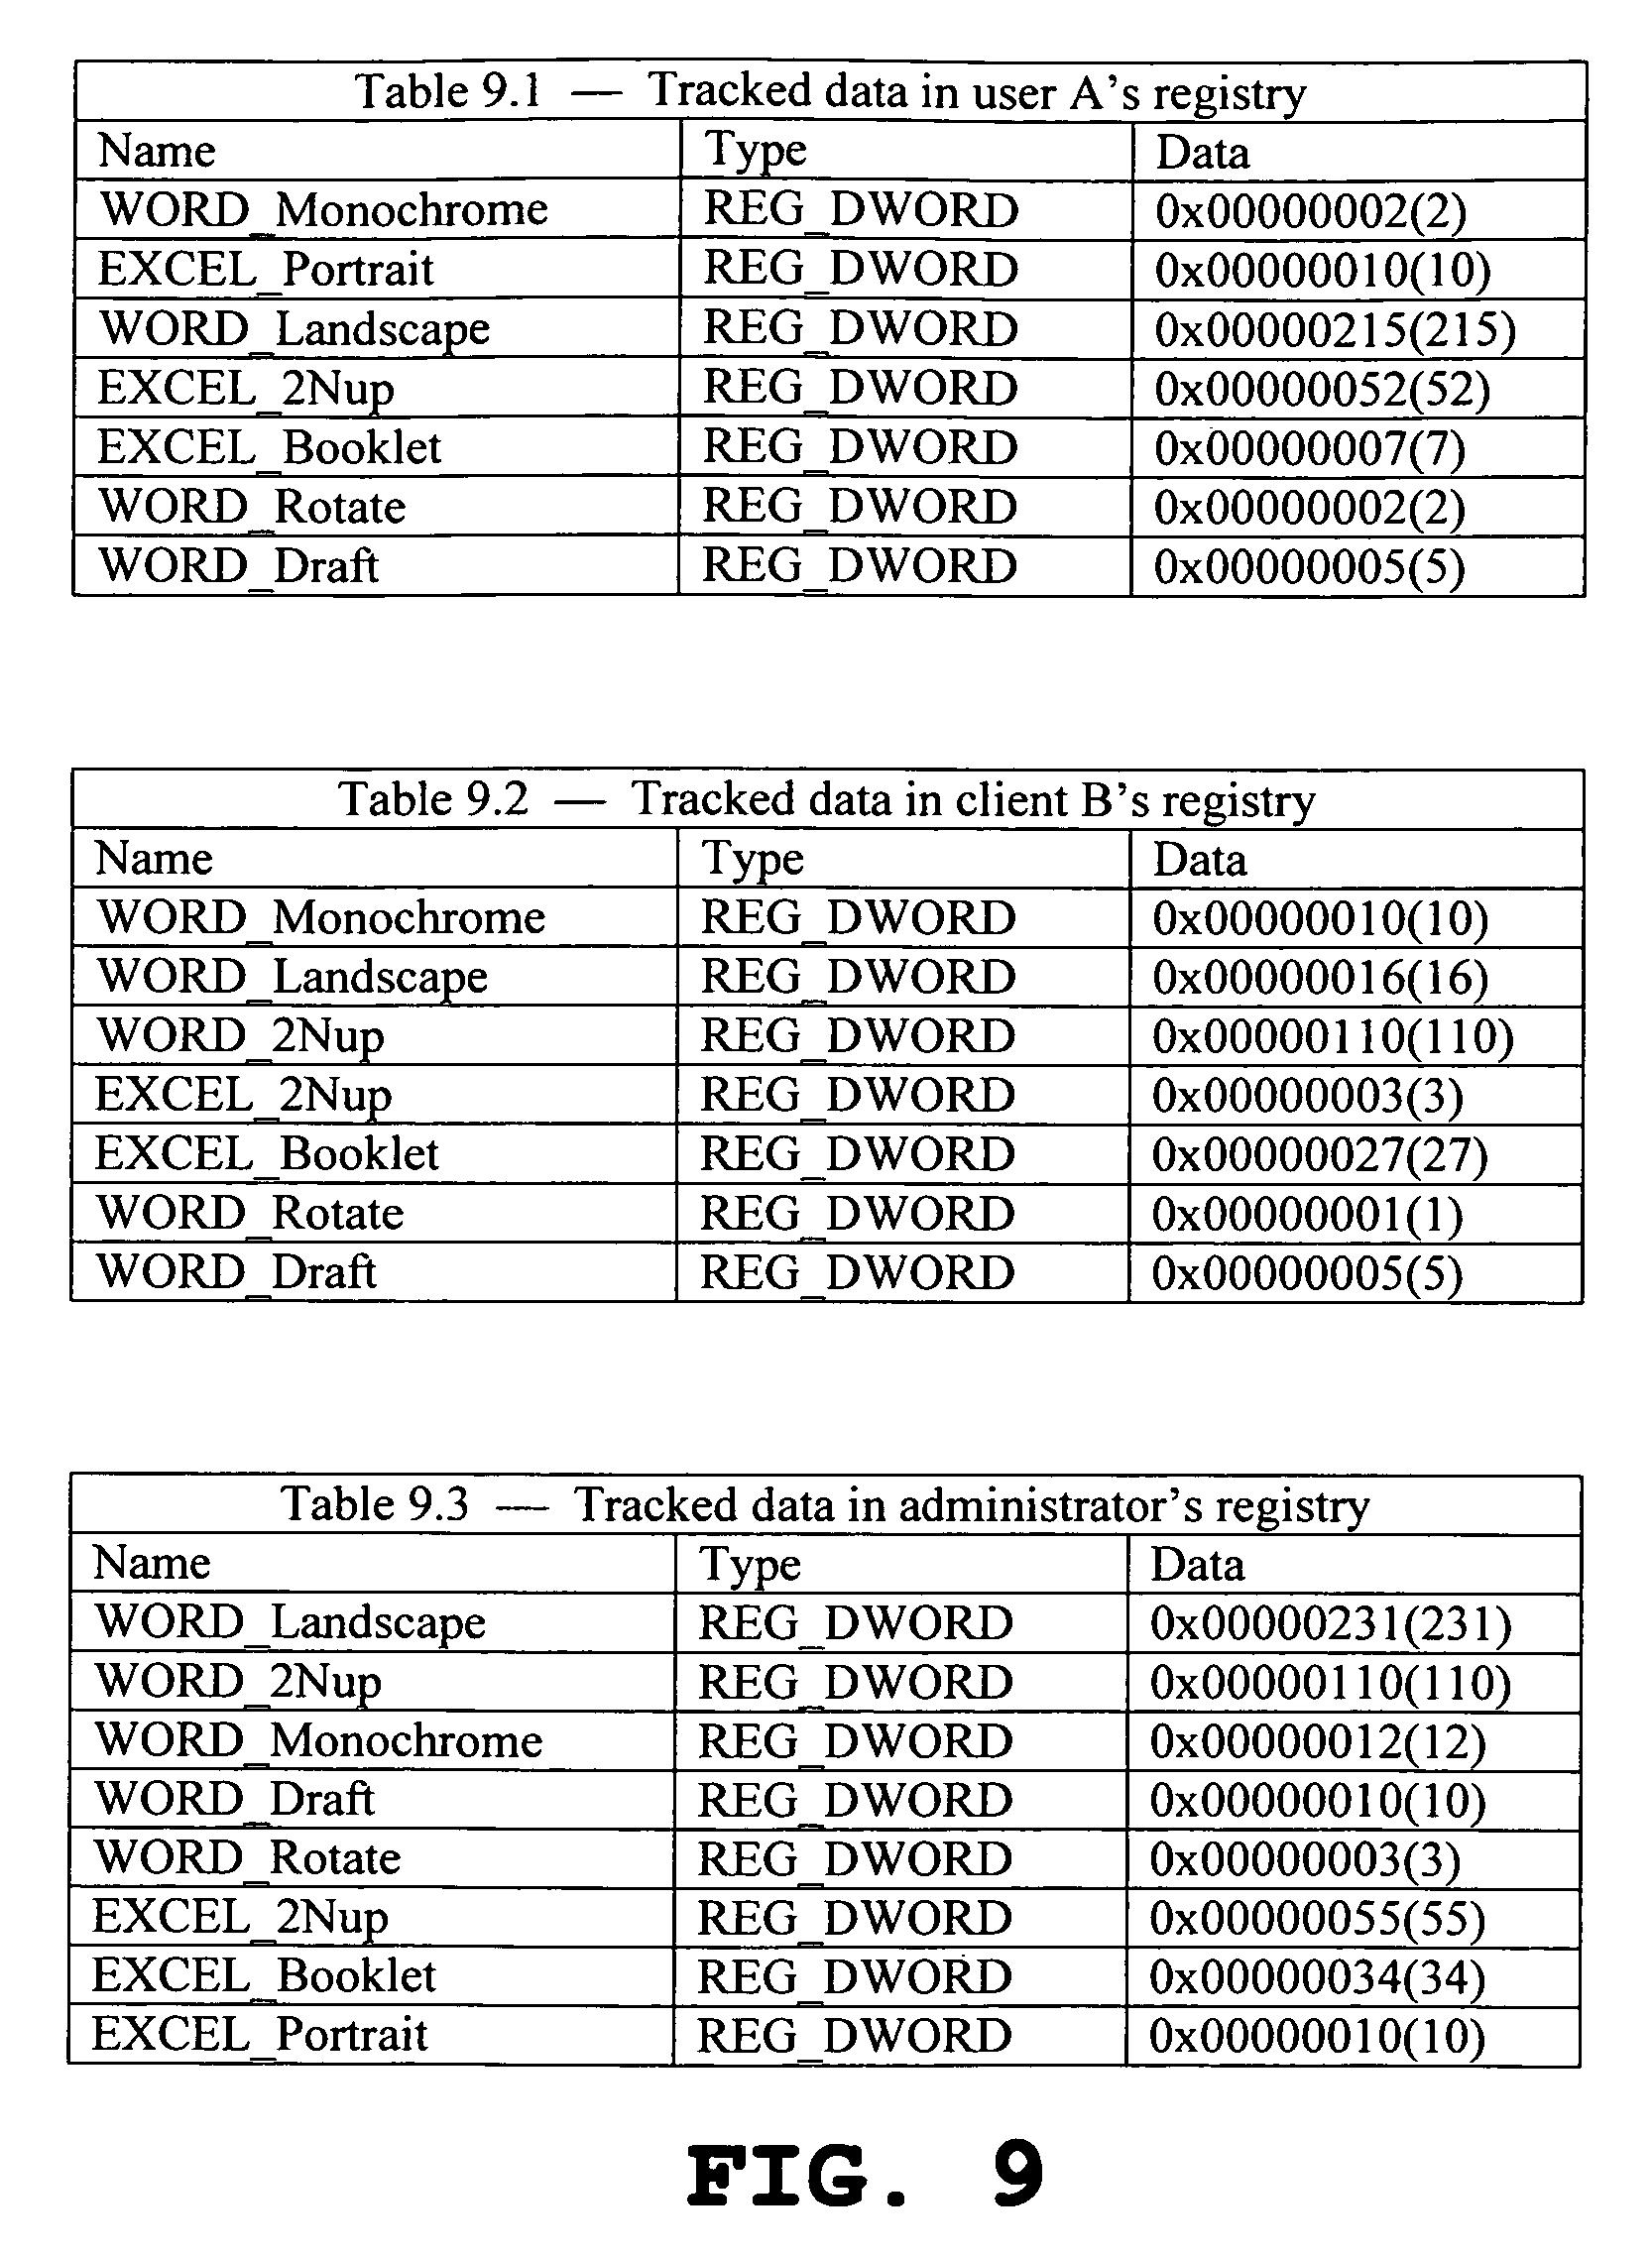 براءة الاختراع US8842312 - Application-based profiles of printer